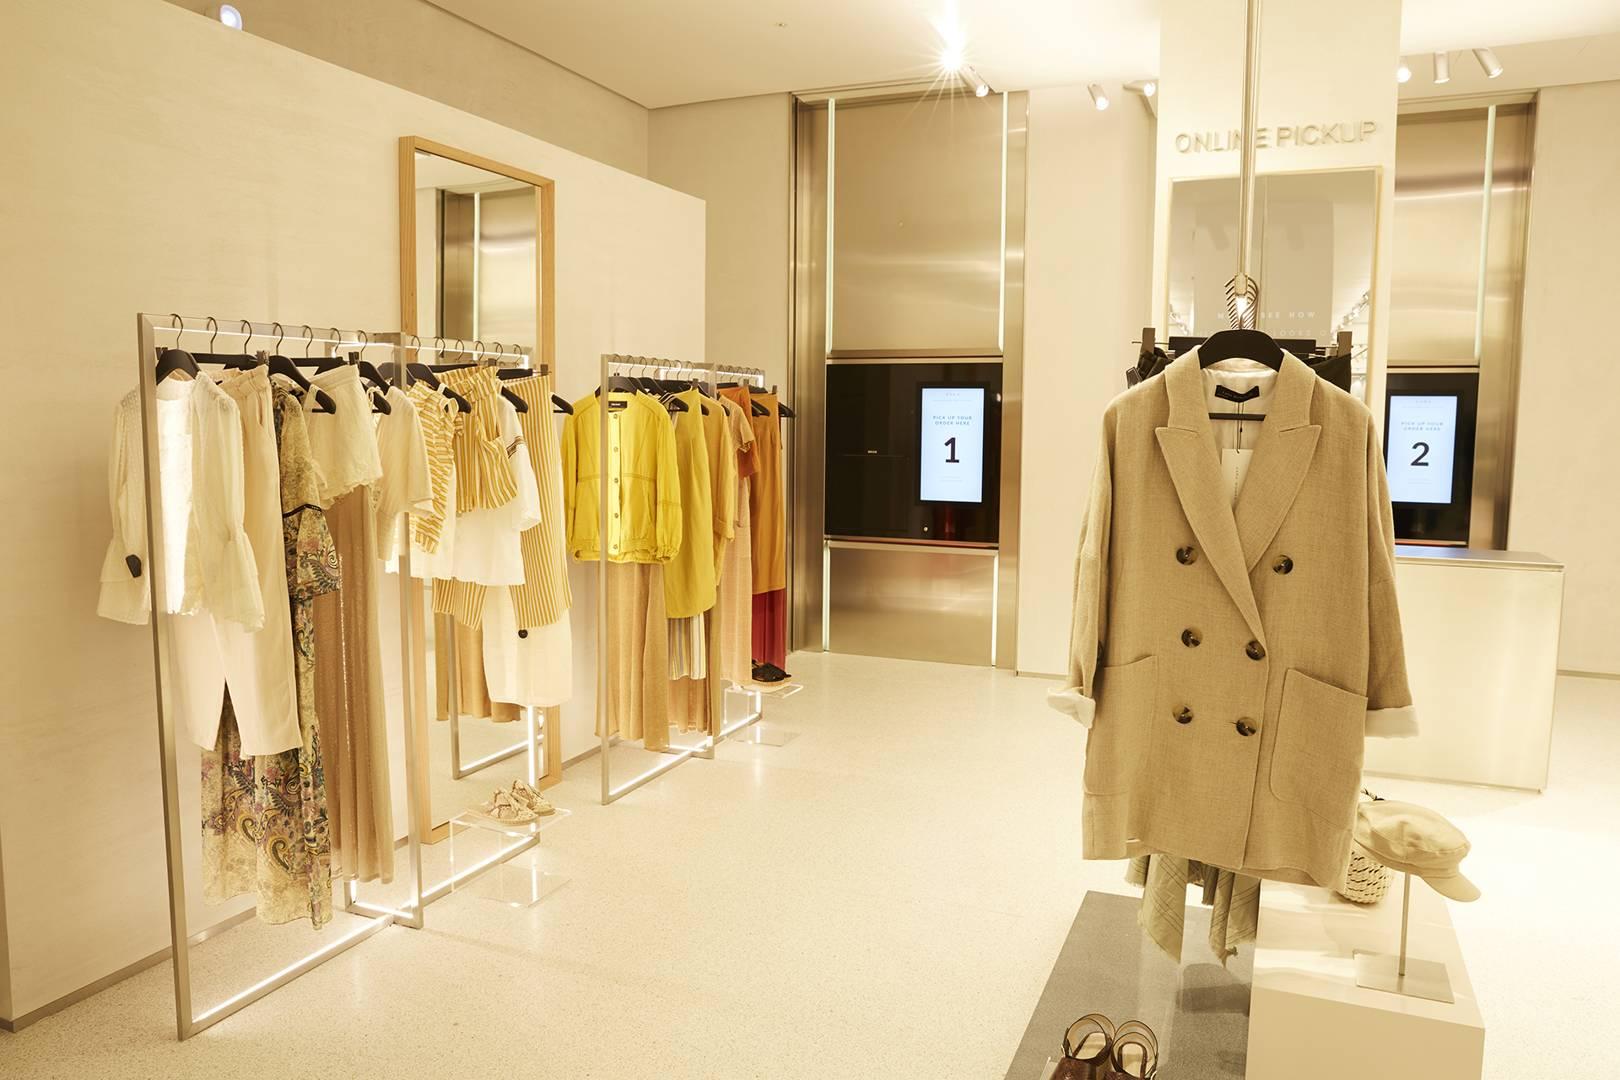 Zara a intégré des innovations technologiques dans son magasin phare de Stratford